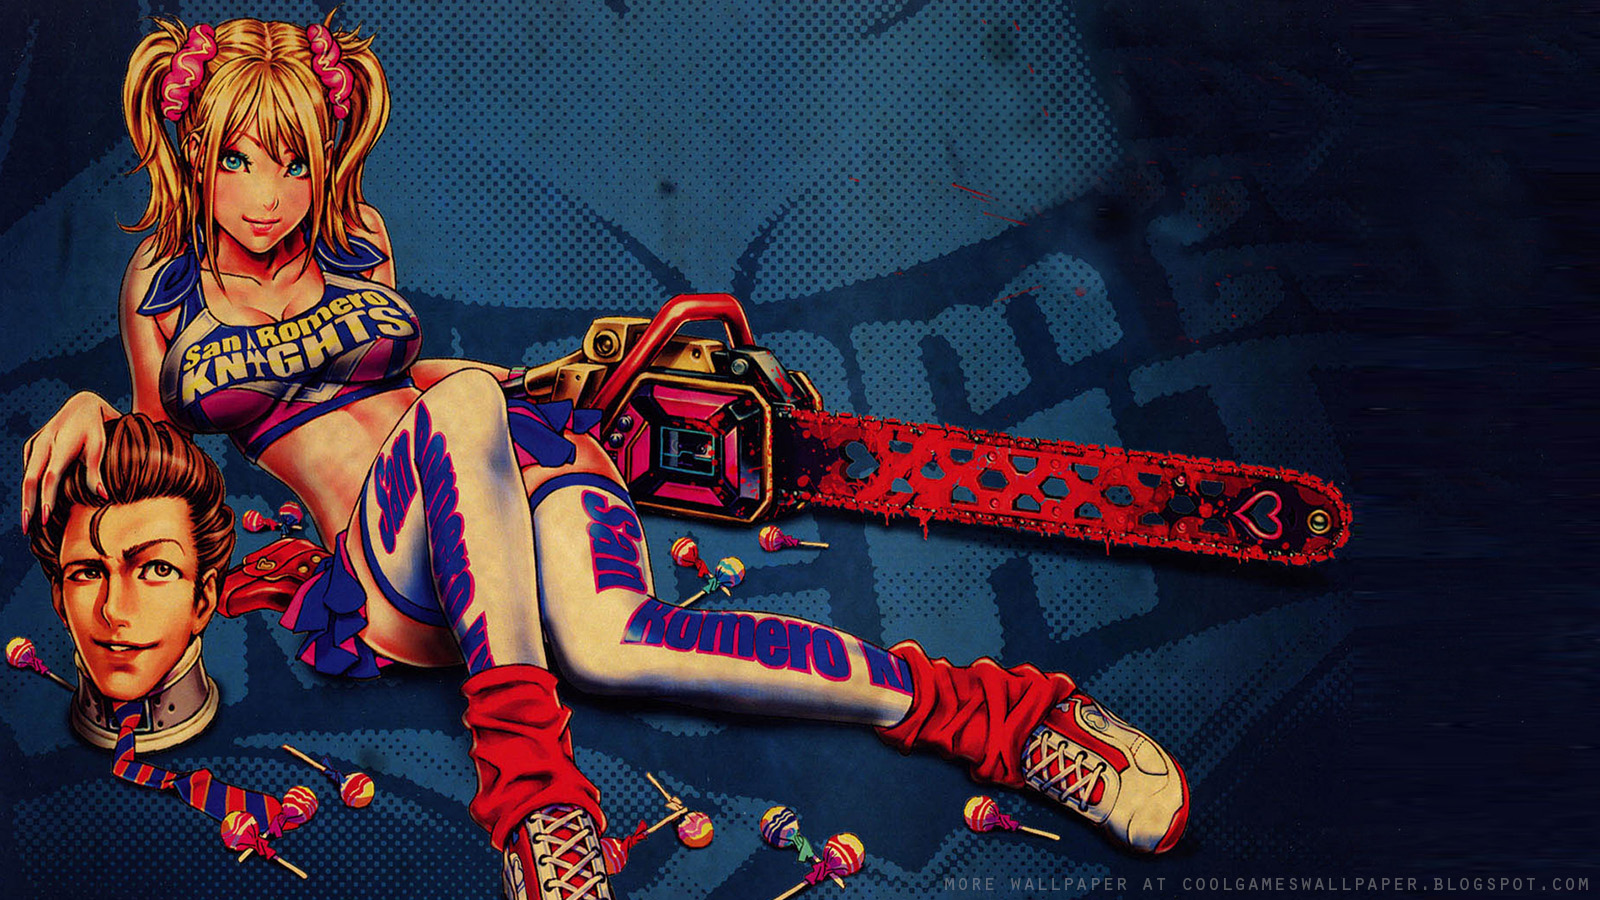 juliet cheerleader zombie hunter wallpapers - Juliet Cheerleader Zombie Hunter Wallpapers HD